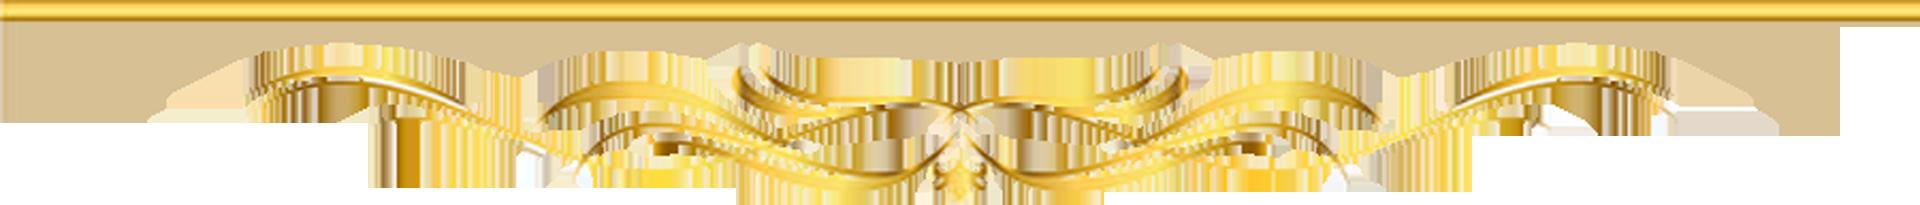 Bắc Giang, Việt Yên, KCN Vân Trung, KCN Đình Trám, KCN Quang Châu, Hải Dương, Quảng Ninh, Hải Phòng, Lục Nam, Chống Dịch, Đại Dịch, Bộ Y Tế, Việt Nam, Ca Nhiễm, Ca Nhiễm Mới, Lây Nhiễm Chéo, Covid-19, Dịch Covid-19,  Nhiễm Covid-19, Virus Corona